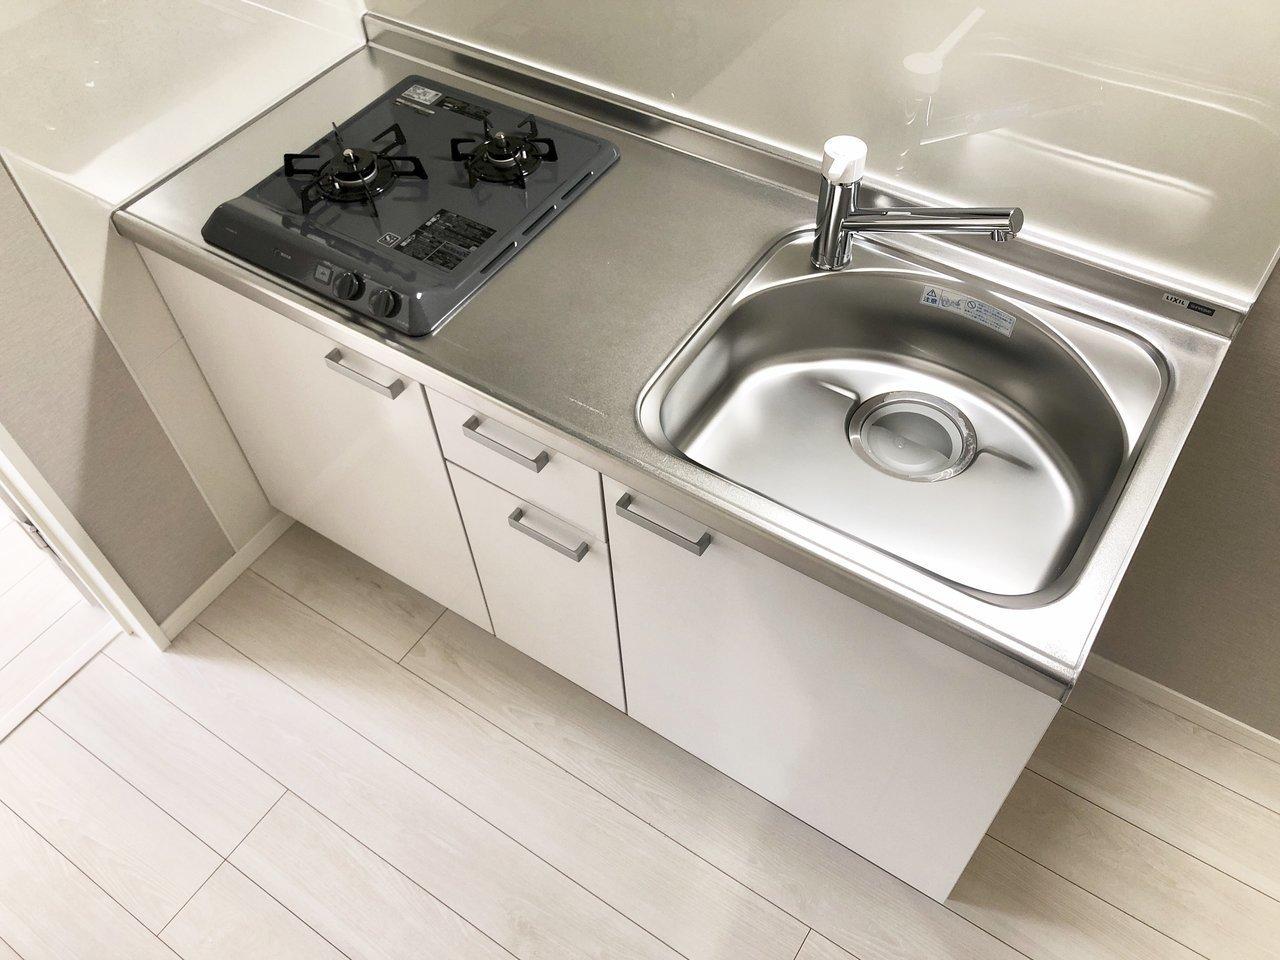 キッチンも、広々シンクにコンロ付き。下段には収納箇所もあるので、お鍋や食器類、食材などをうまく入れて使いましょう。